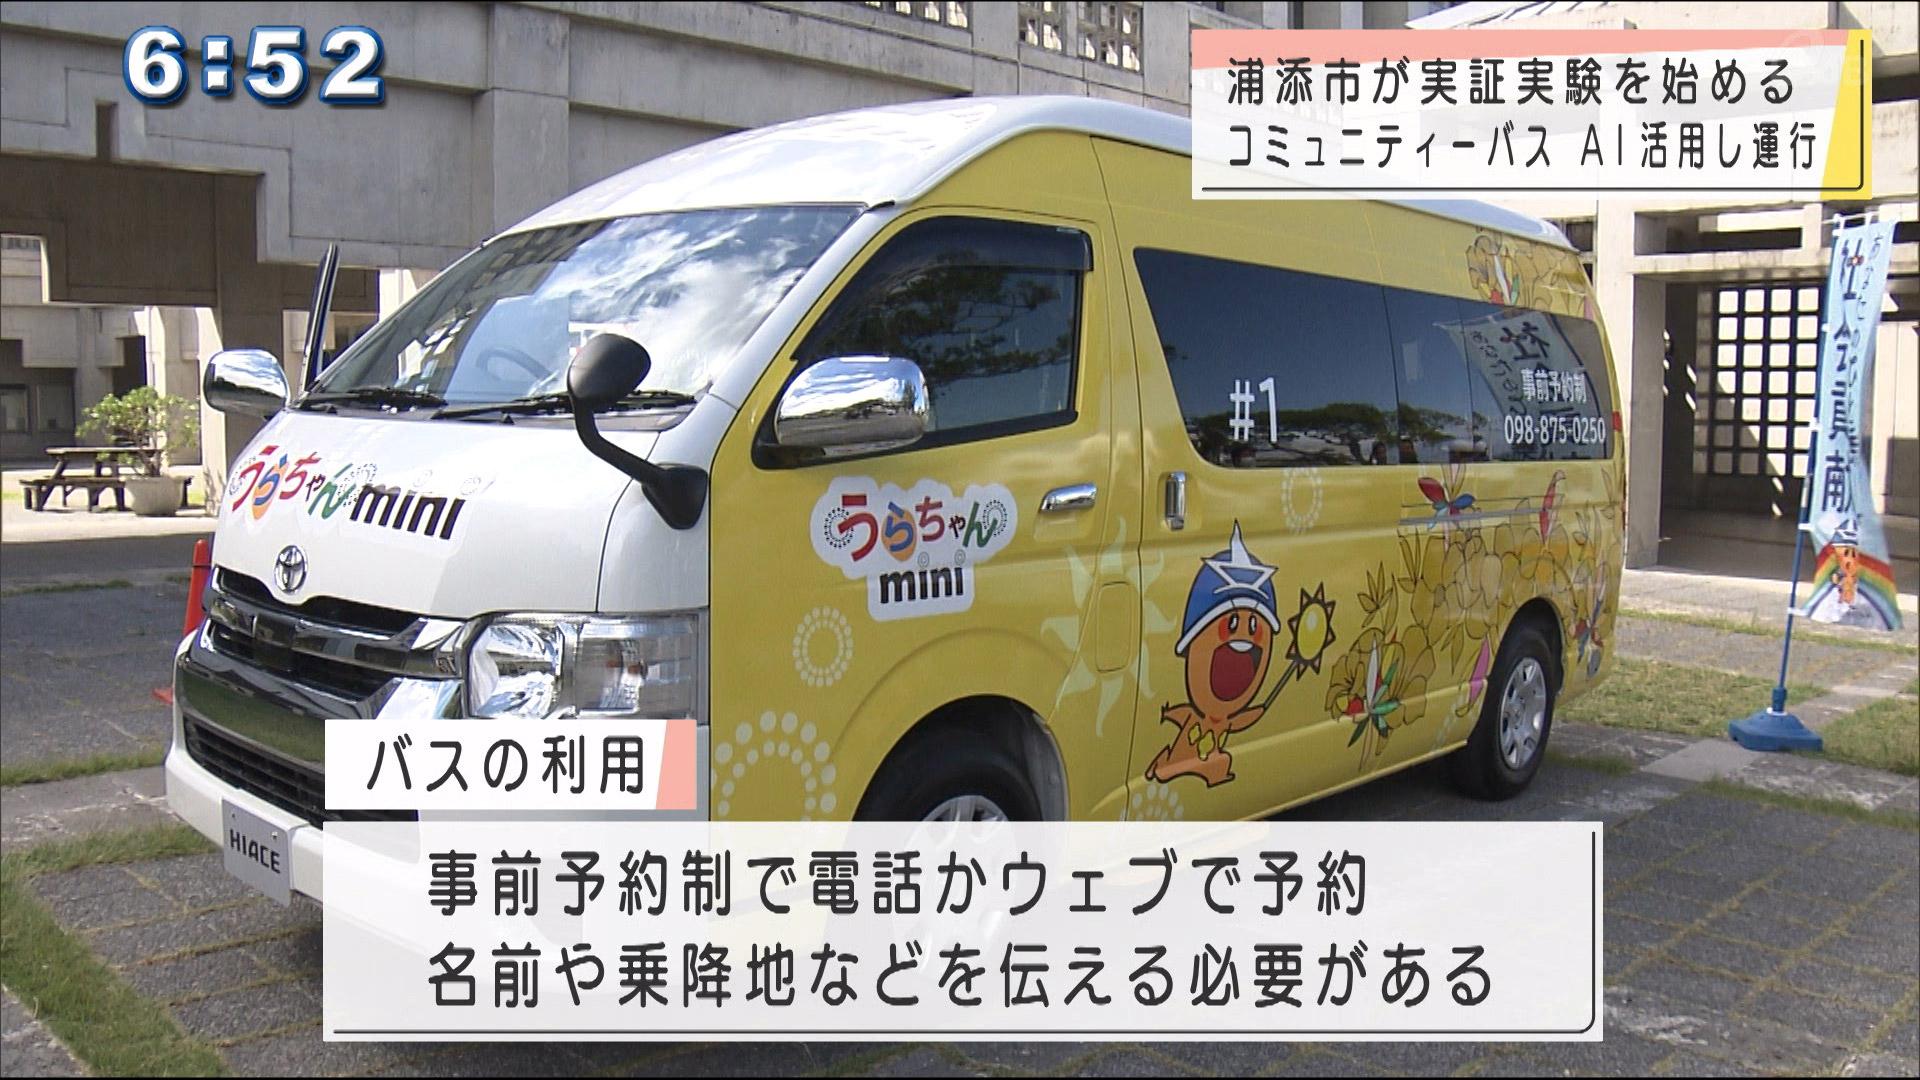 浦添市でデマンド型バスの実証実験開始